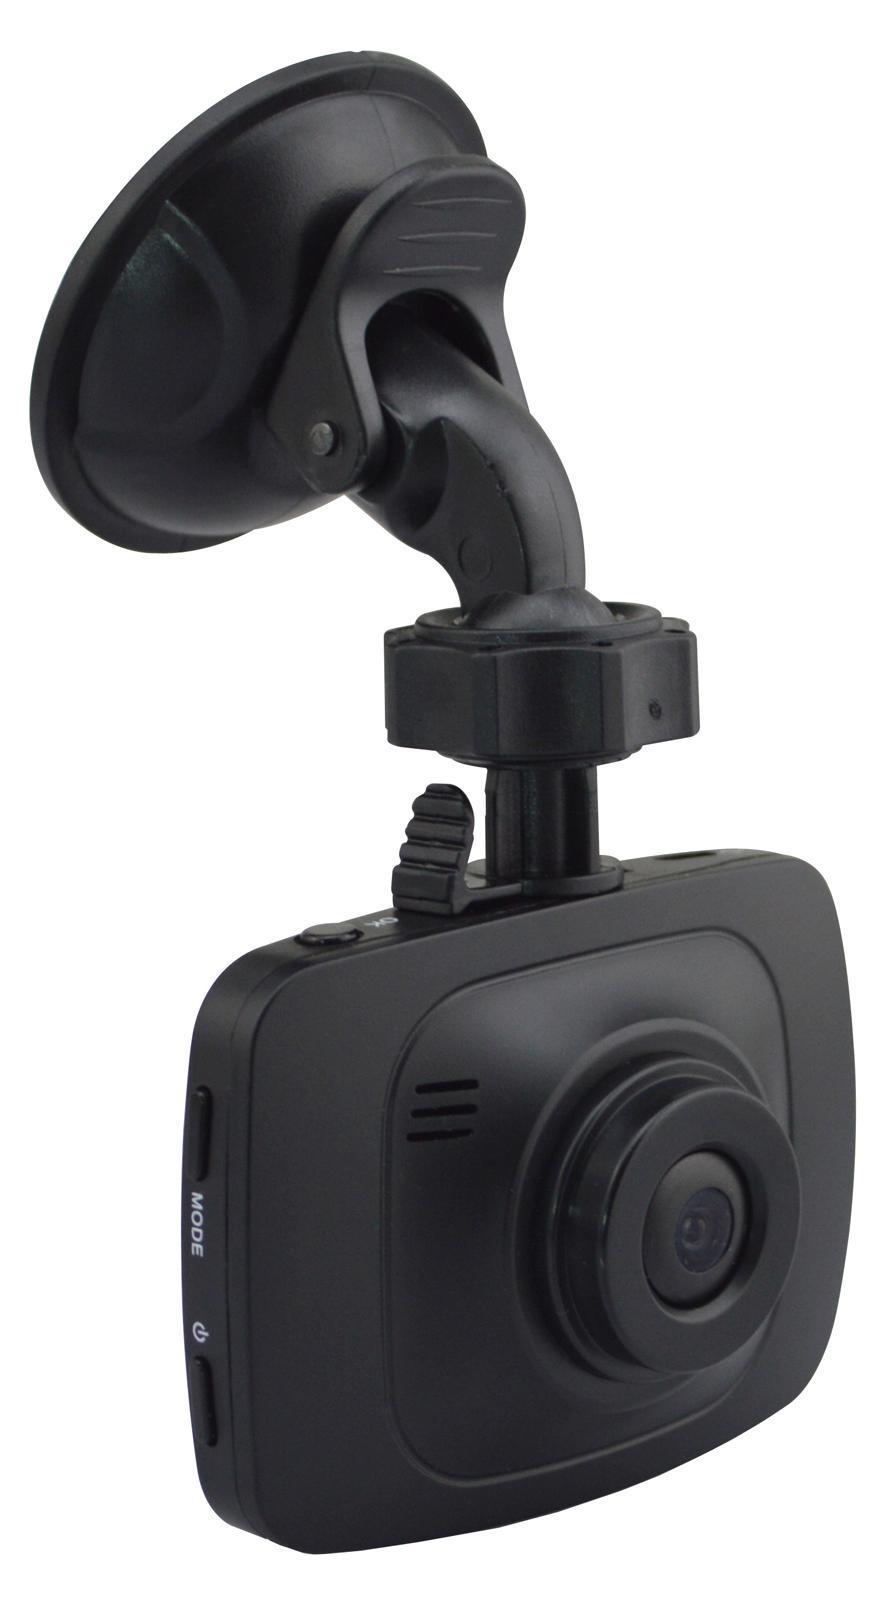 AVS VR-767FH, Black автомобильный видеорегистраторA80910SЭто компактное техническое устройство для записи видео, которое позволит его владельцу чувствовать себя на дороге более уверенно, защитит автомобиль от возможных неприятных сюрпризов на стоянке или парковке, поможет разрешить спорные ситуации со страховой компанией и сотрудниками ГИБДД.